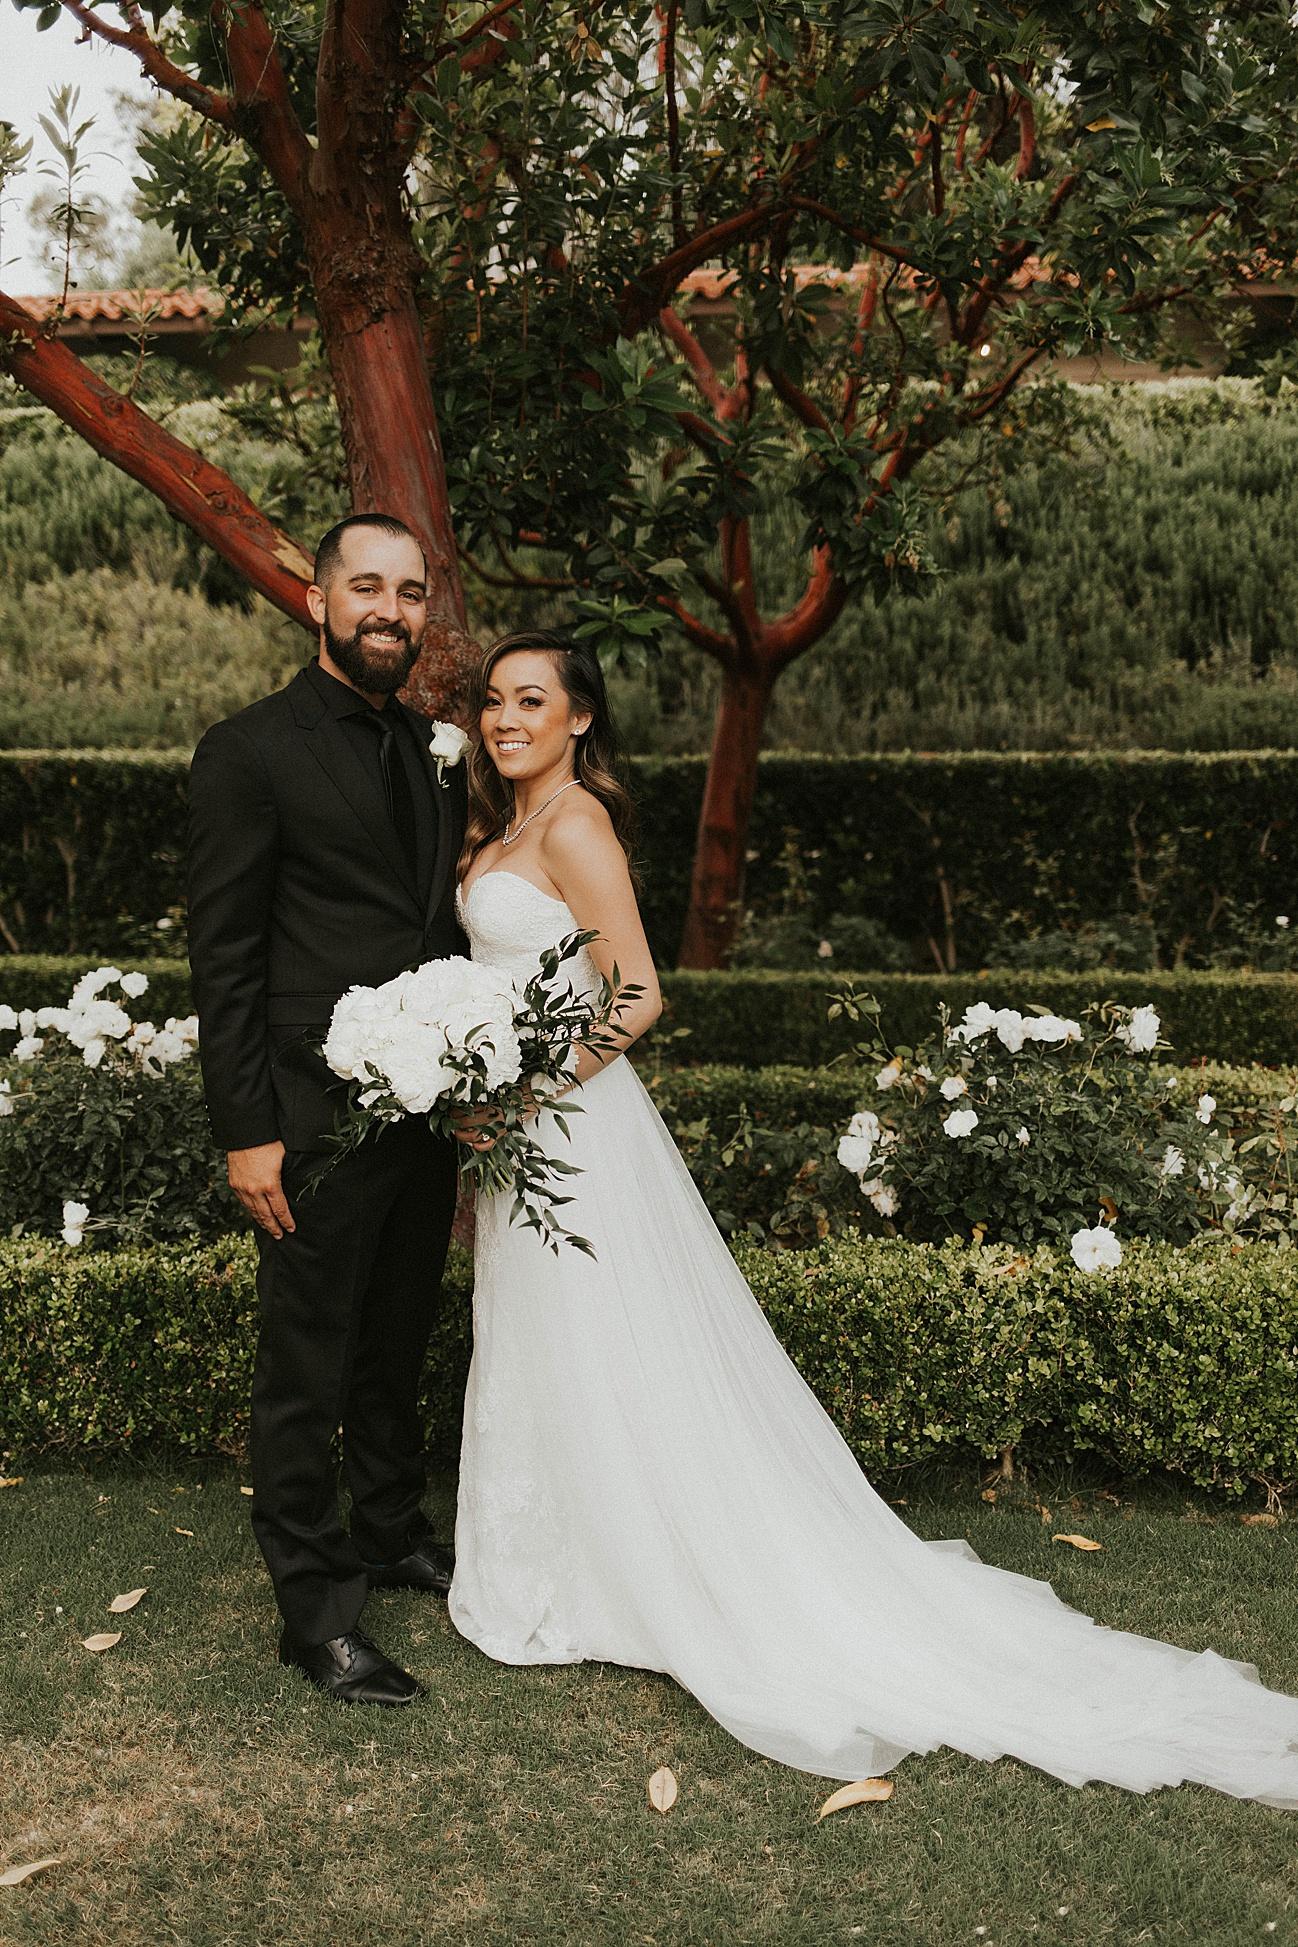 rancho-bernardo-inn-wedding31.jpg